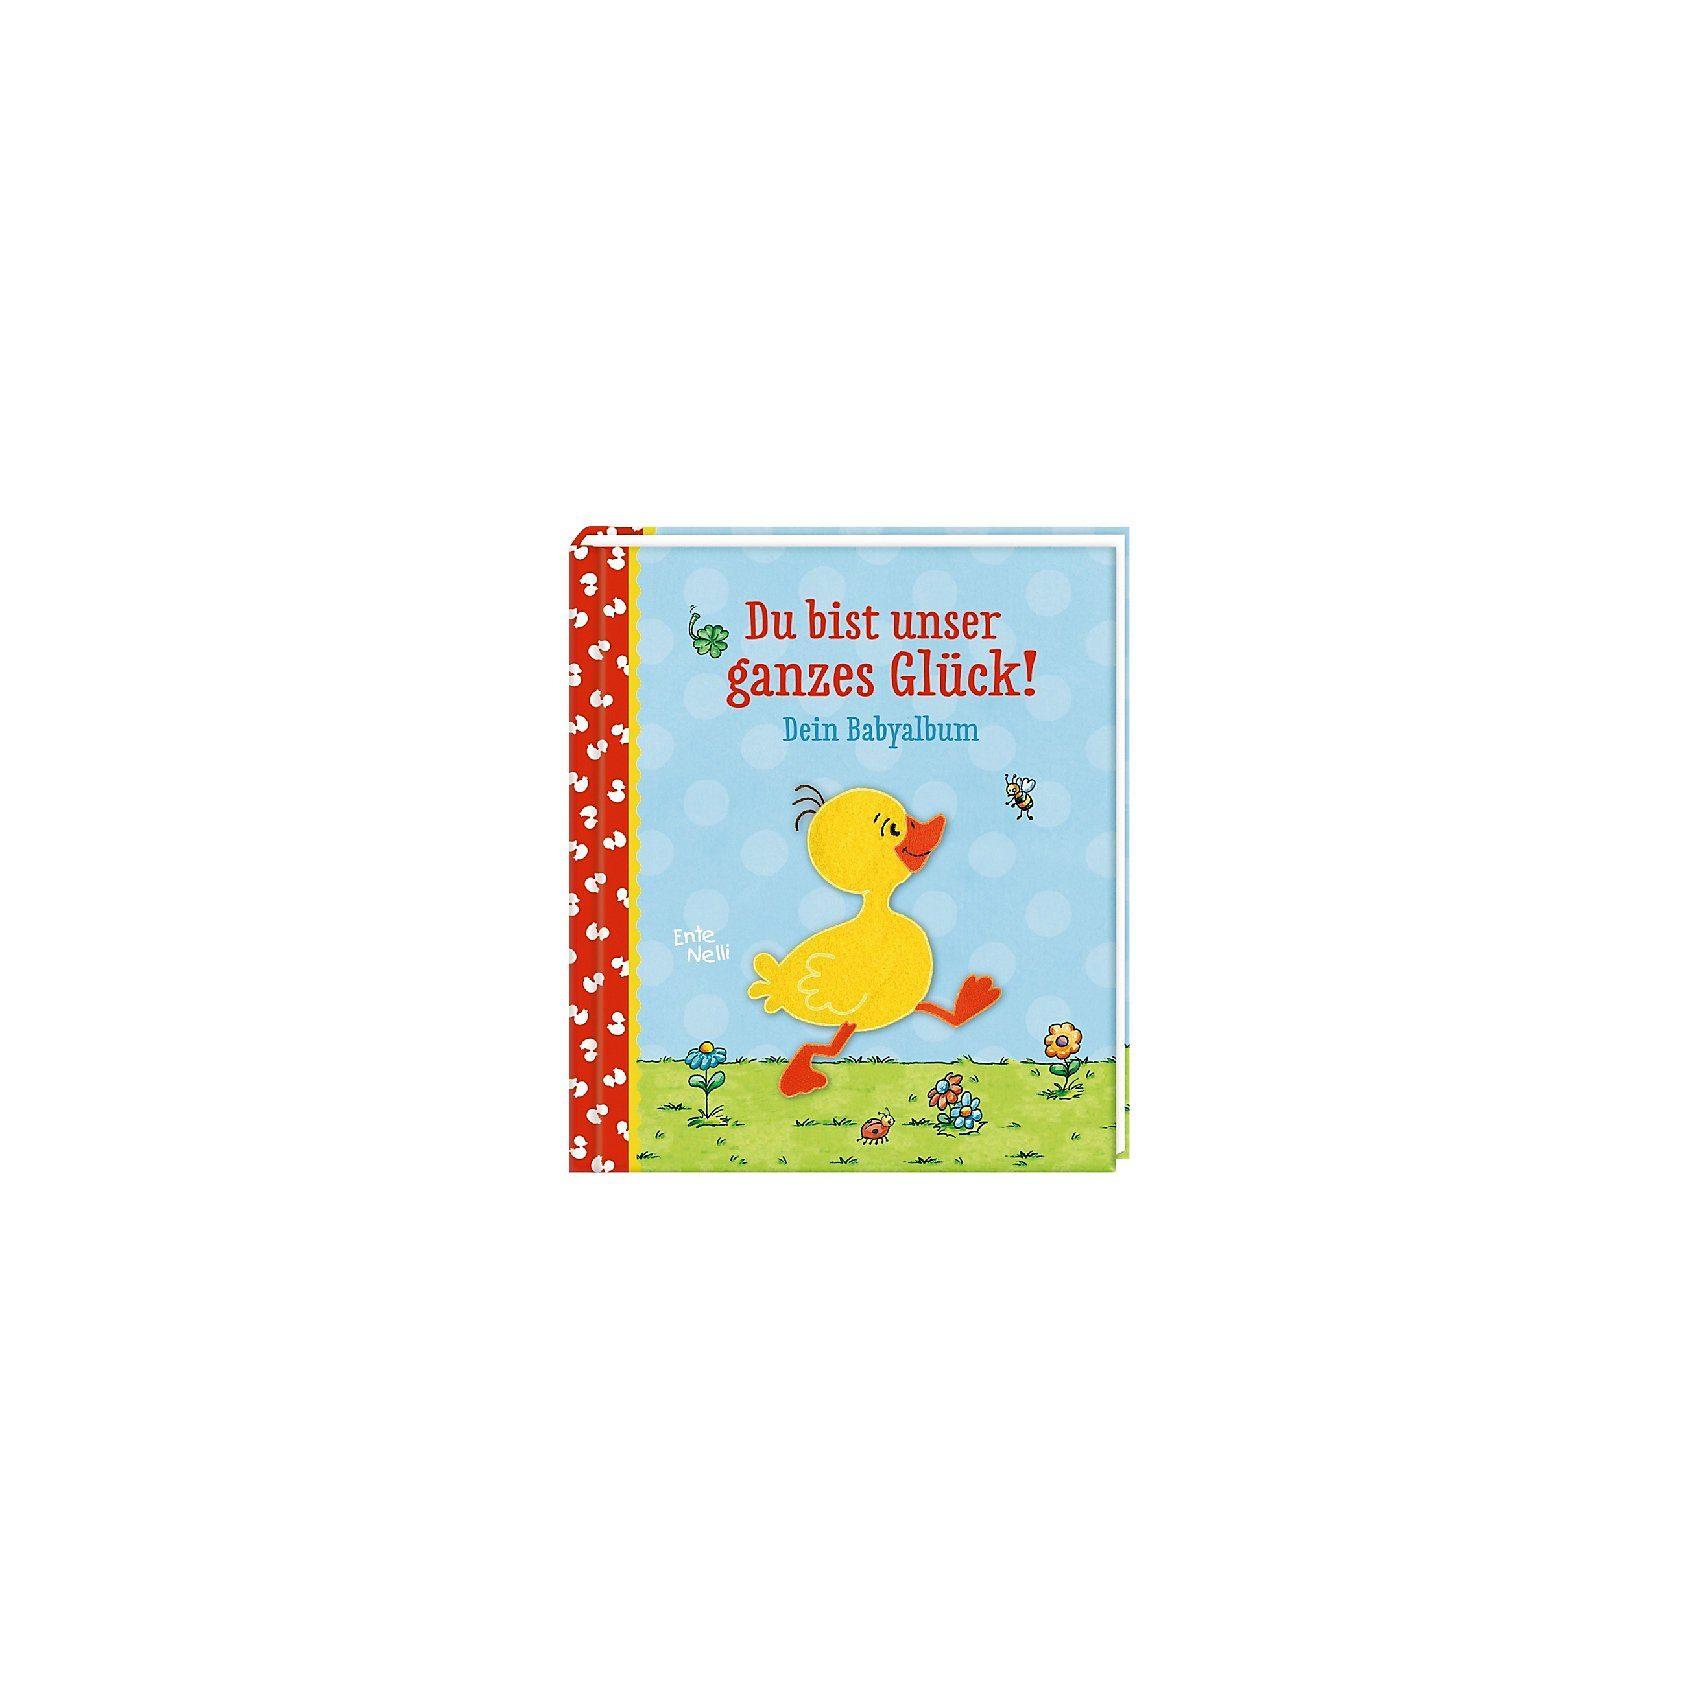 Coppenrath Ente Nelli: Du bist unser ganzes Glück! Babyalbum